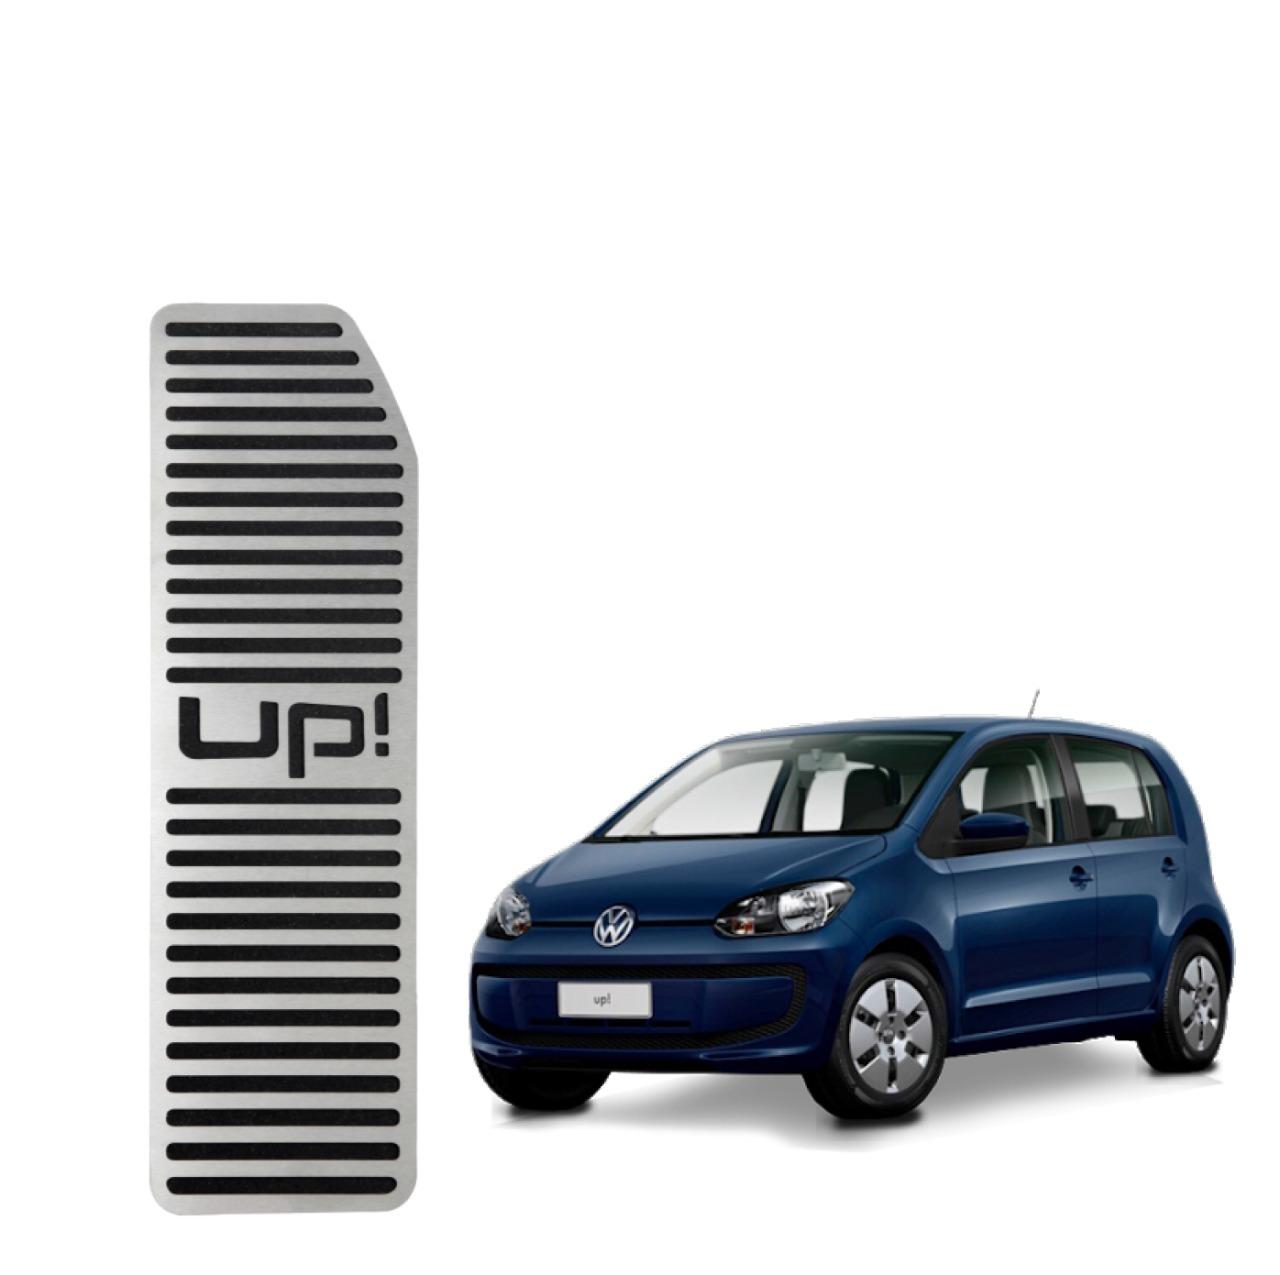 Descanso de Pé Volkswagen Up Aço Inox Escovado